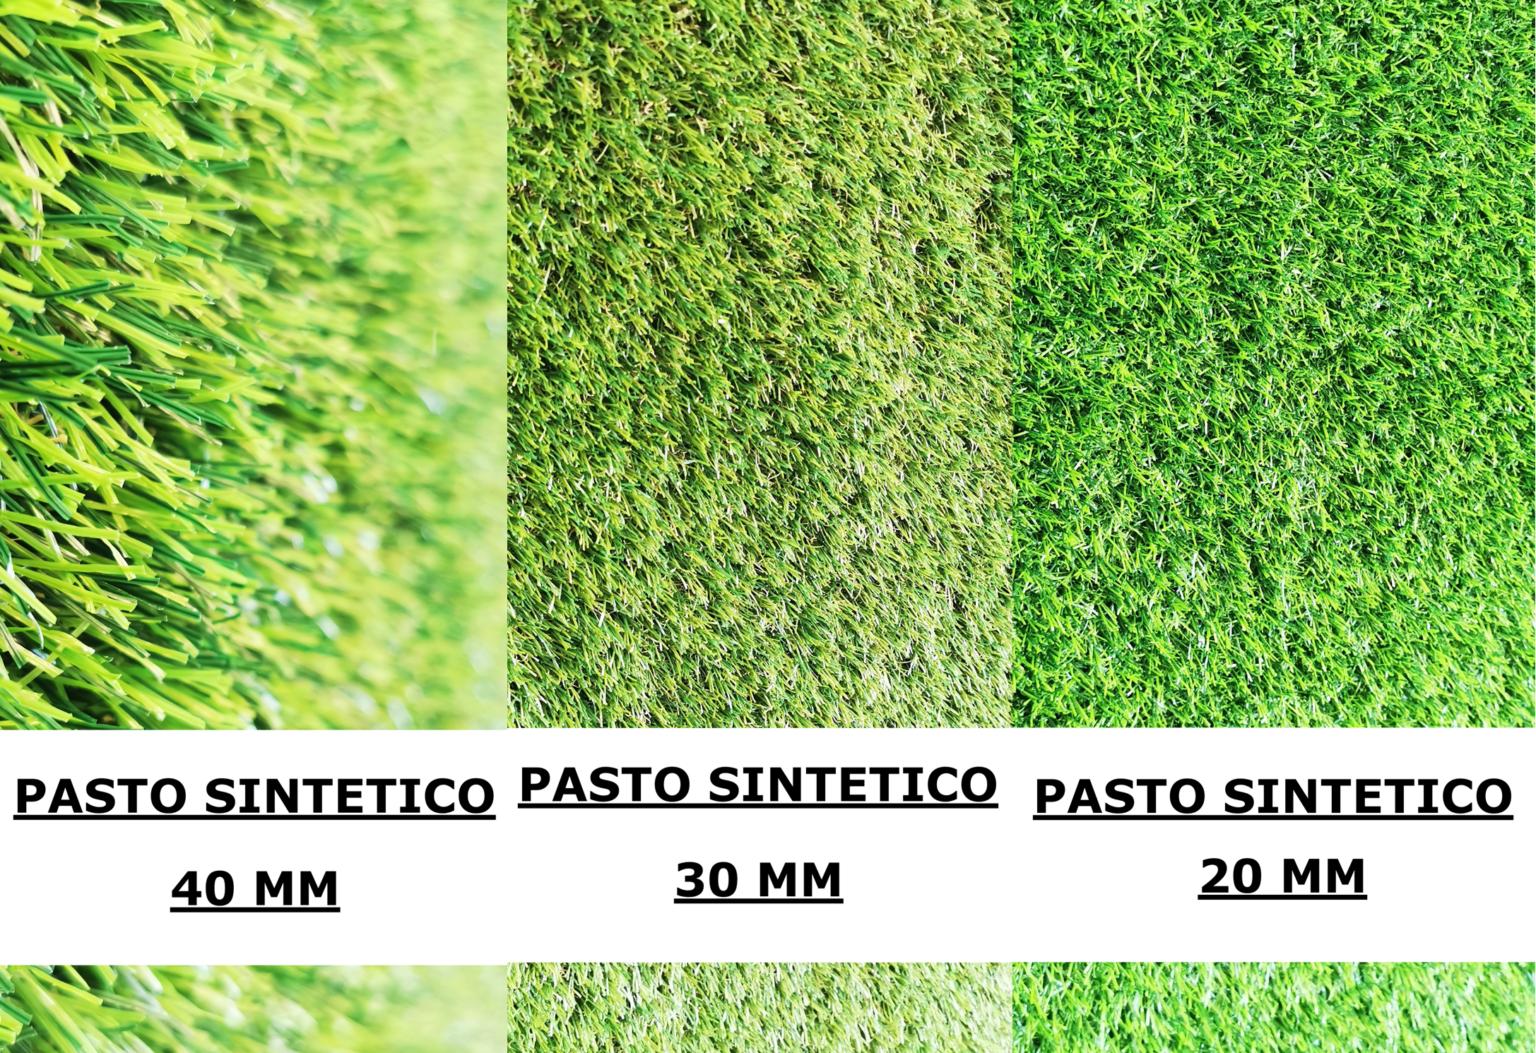 PASTO SINTETICO DE ALTA CALIDAD EN 20, 30 Y 40MM DE ESPESOR